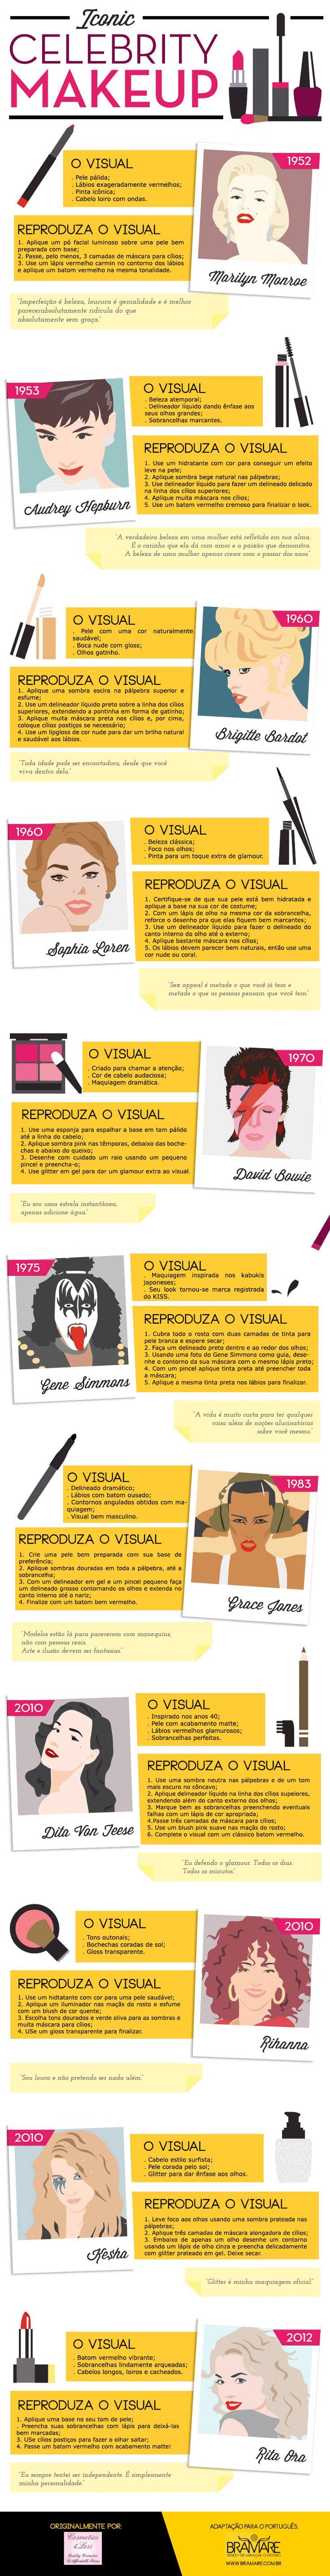 Cosmetics4less PortuguesPISCA Infográfico da Beleza: Maquiagens icônicas!